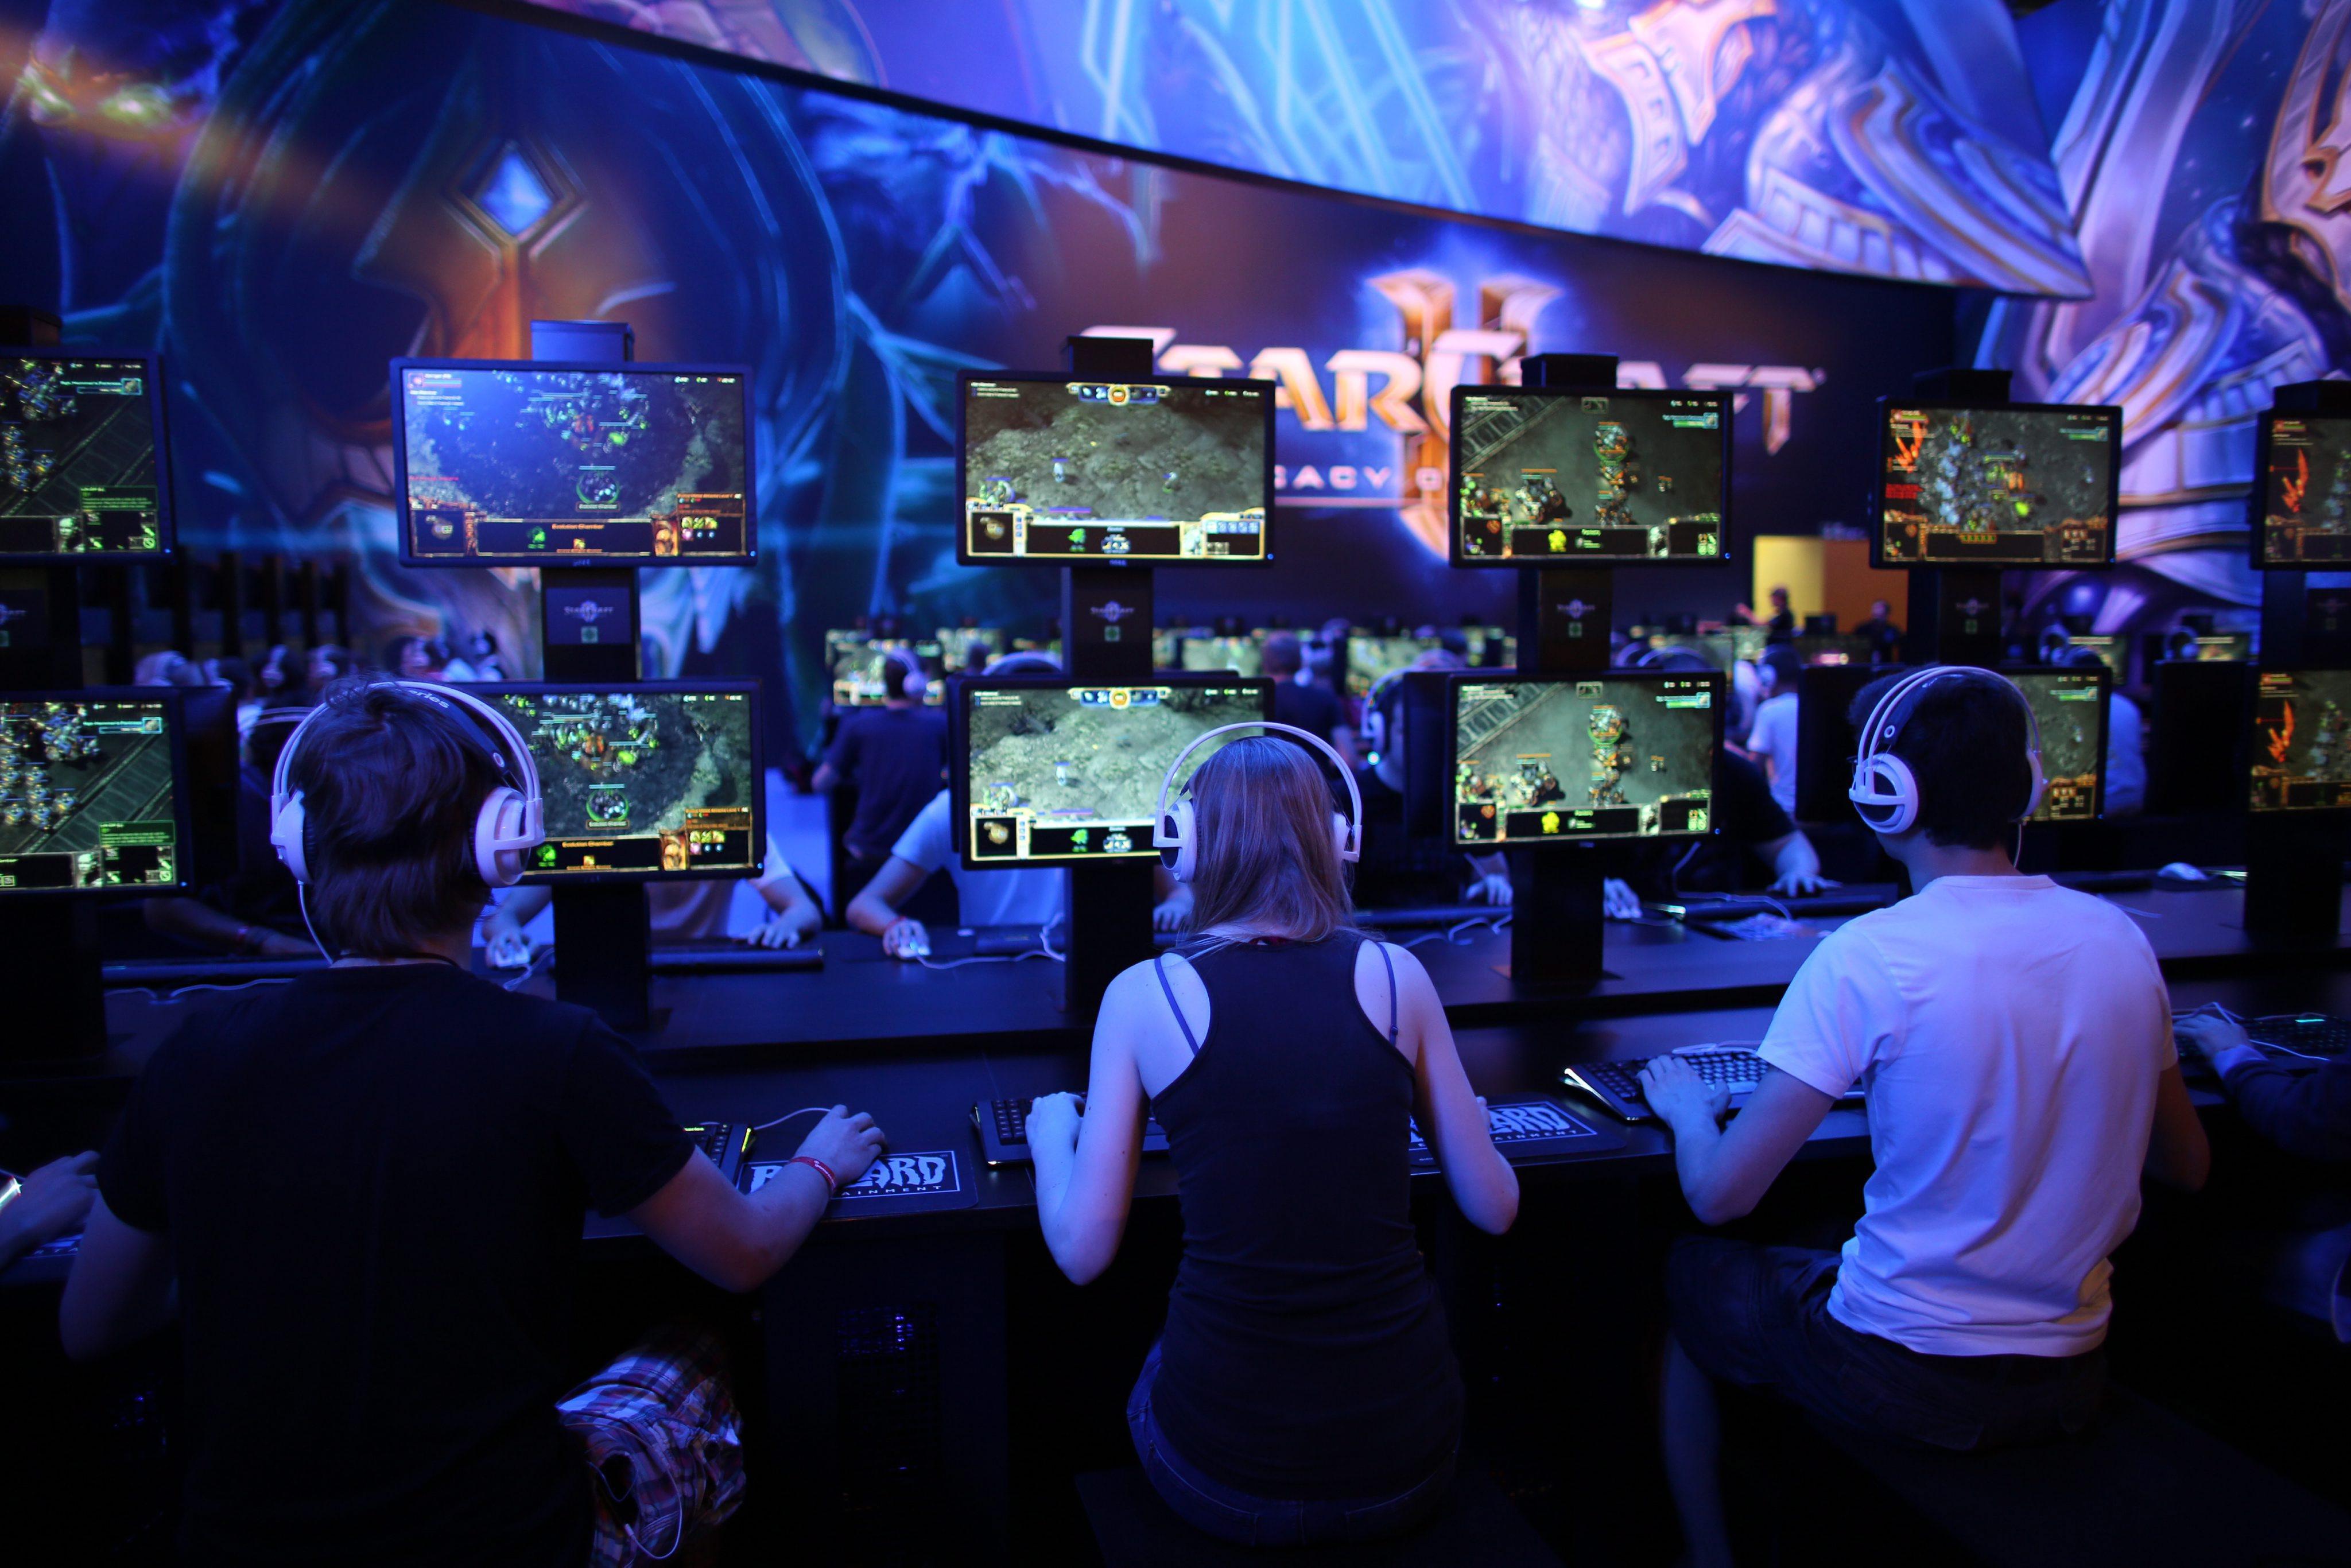 MTM5MzE3JDBiBHlPdQN5bHUAfldoAn1mfwF-TnYGfHsoRj0VN0dgJzlUPxk3UisgY189HQ== Los juegos de ordenador como oficial de la disciplina en los juegos de asia